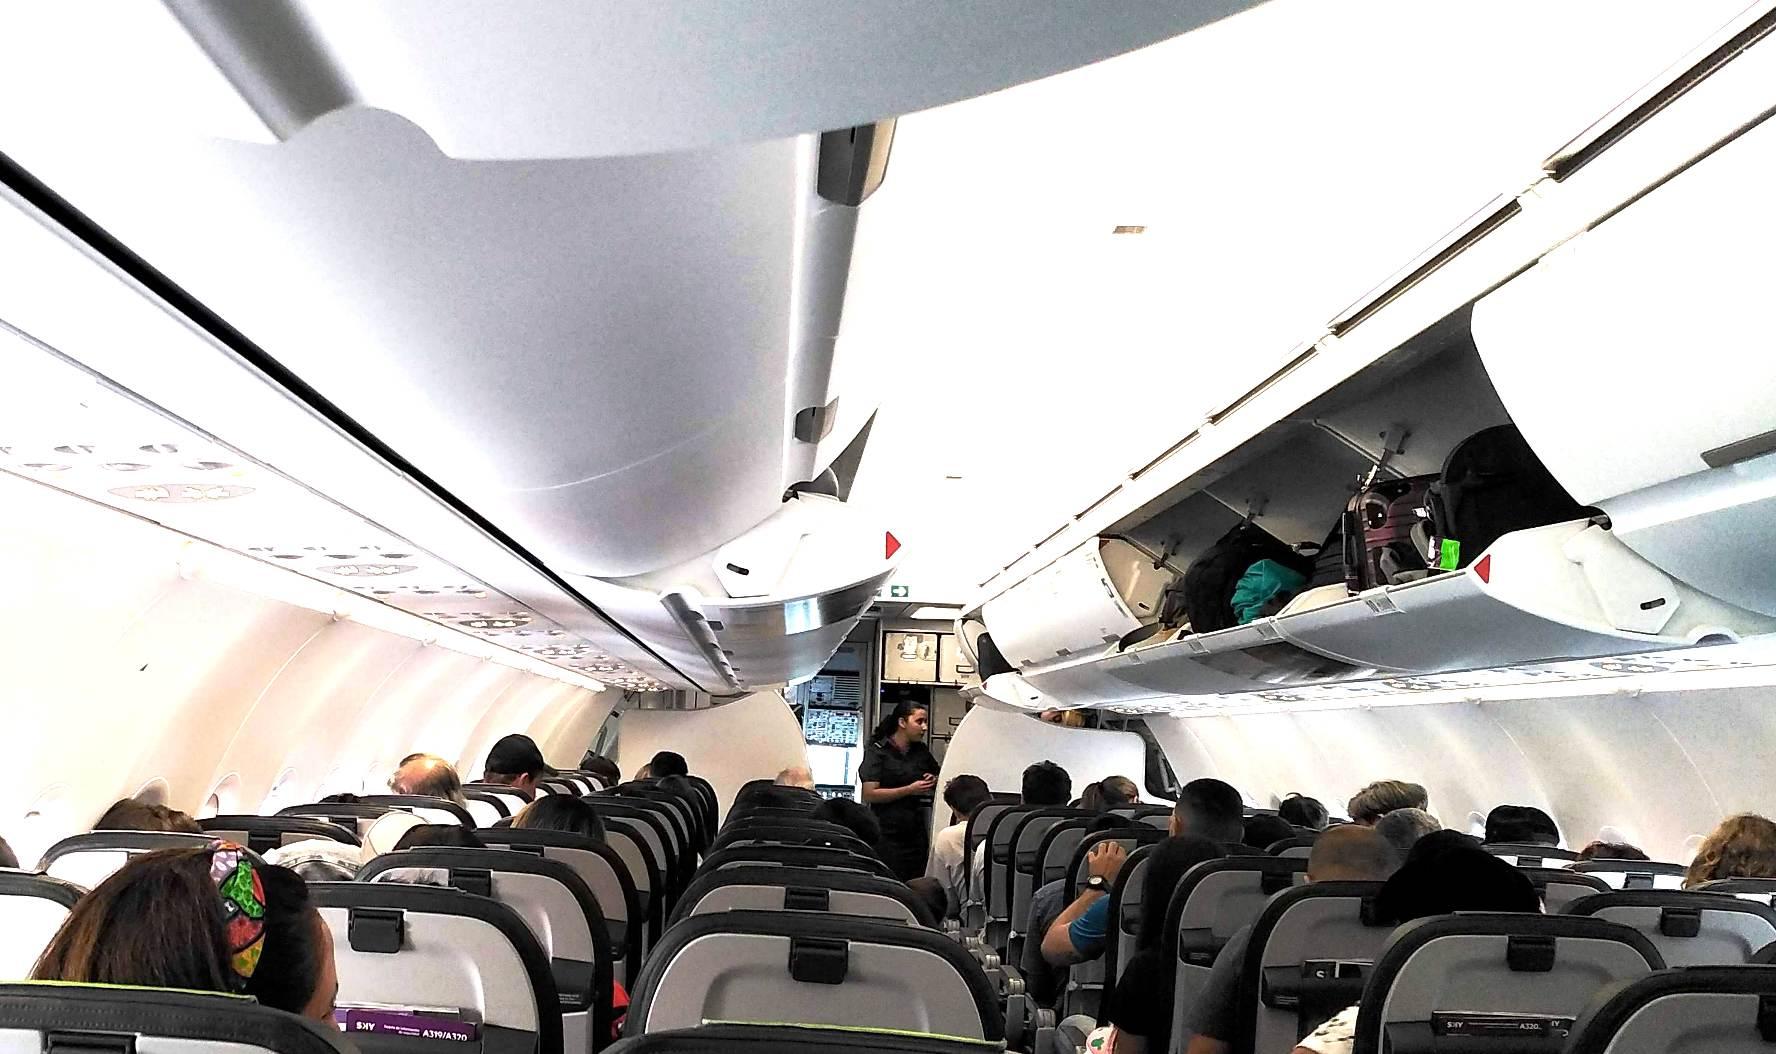 O que pode levar na mala de mão, bagagem de mão avião LikeChile Chile